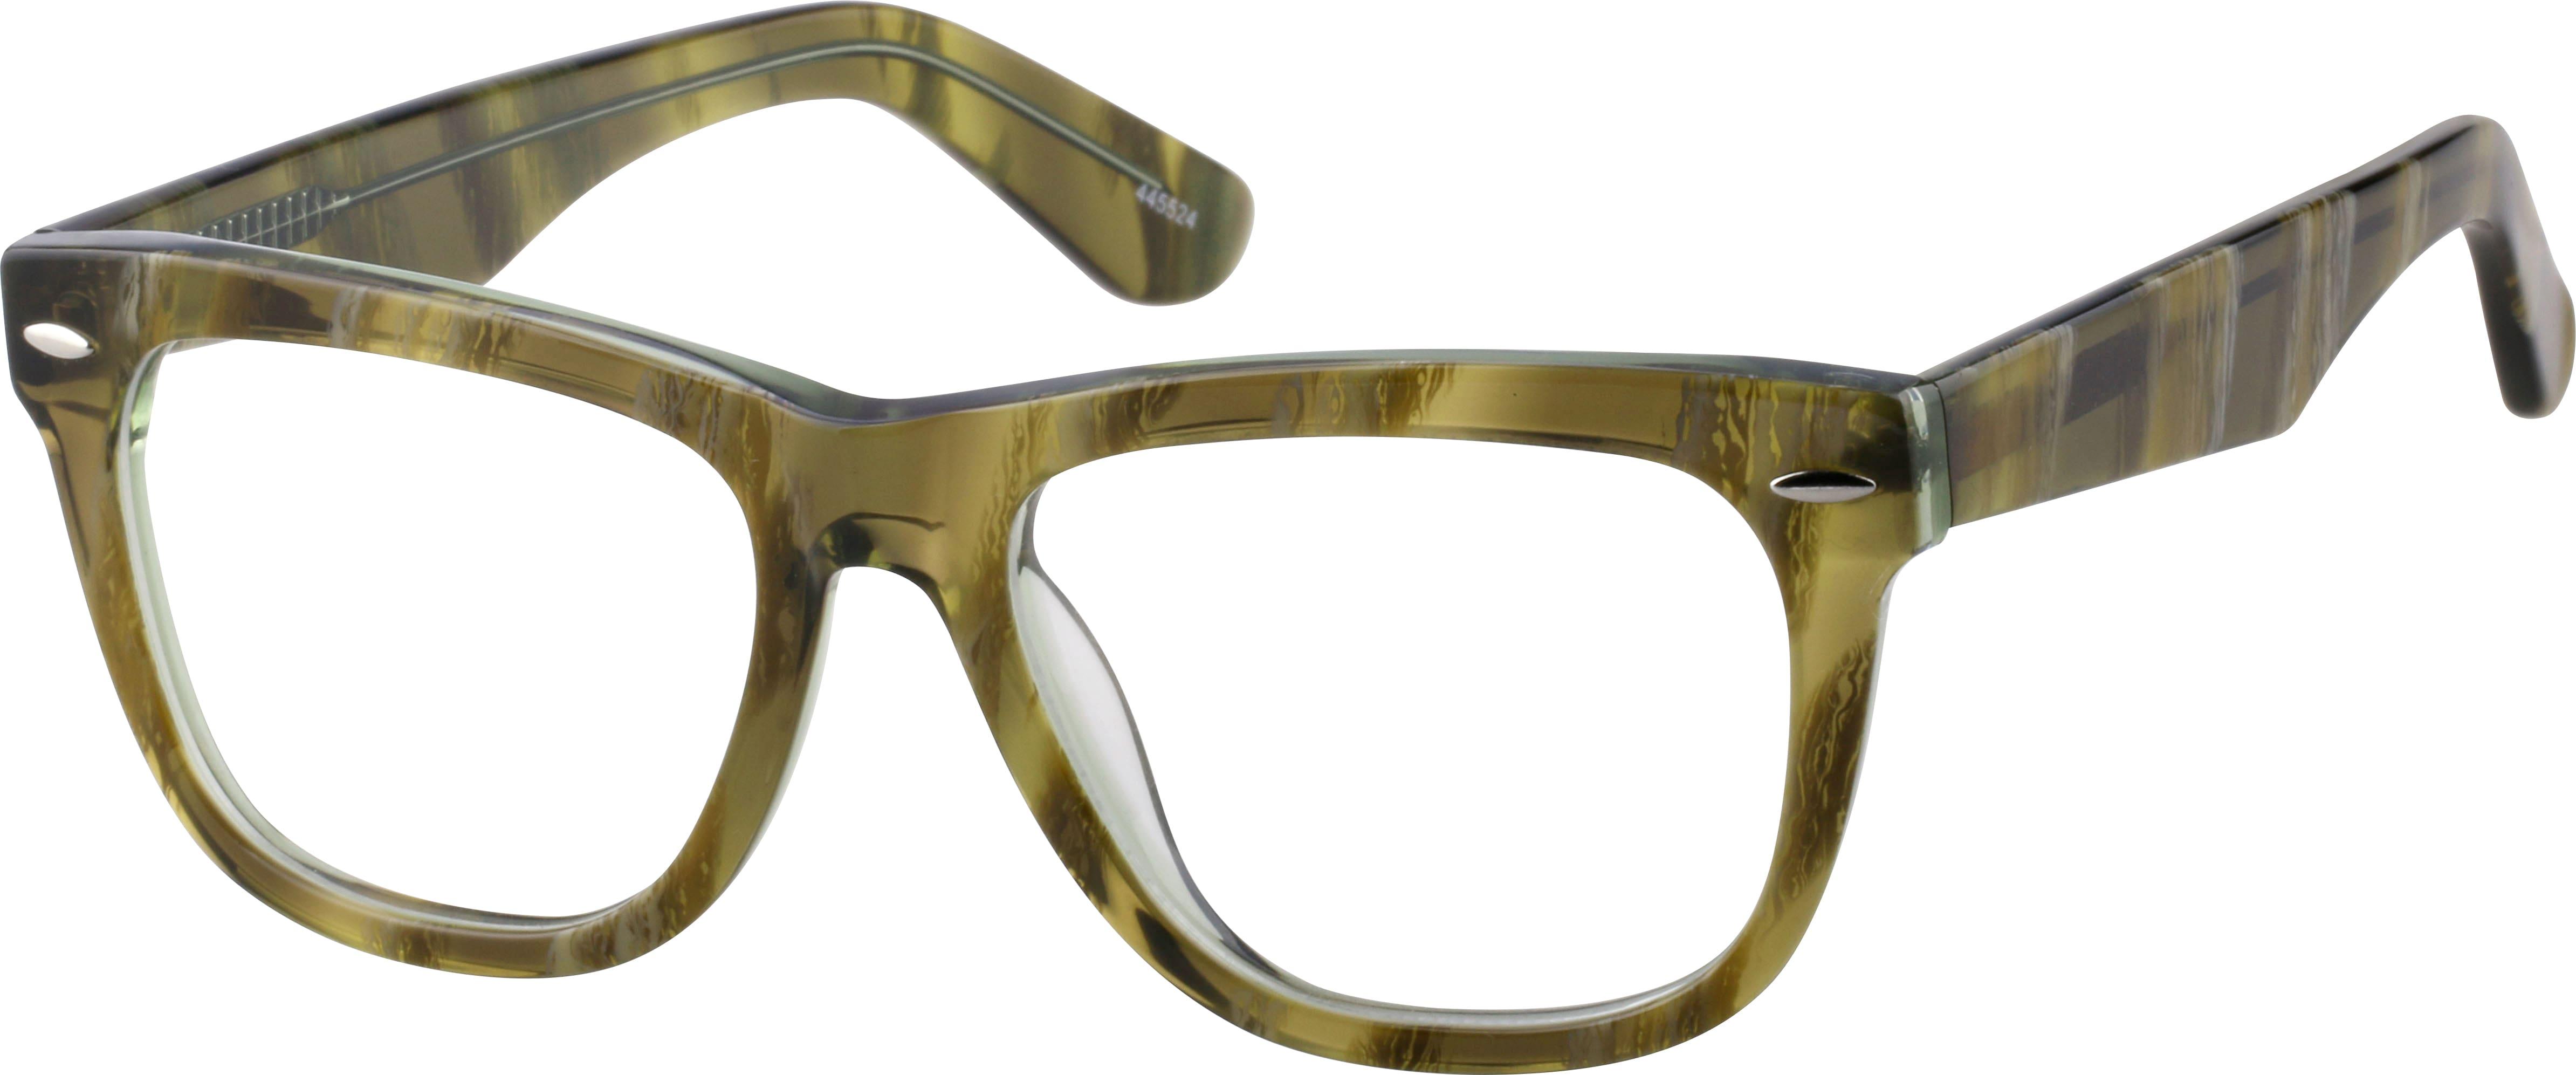 bodega-eyeglasses-445524